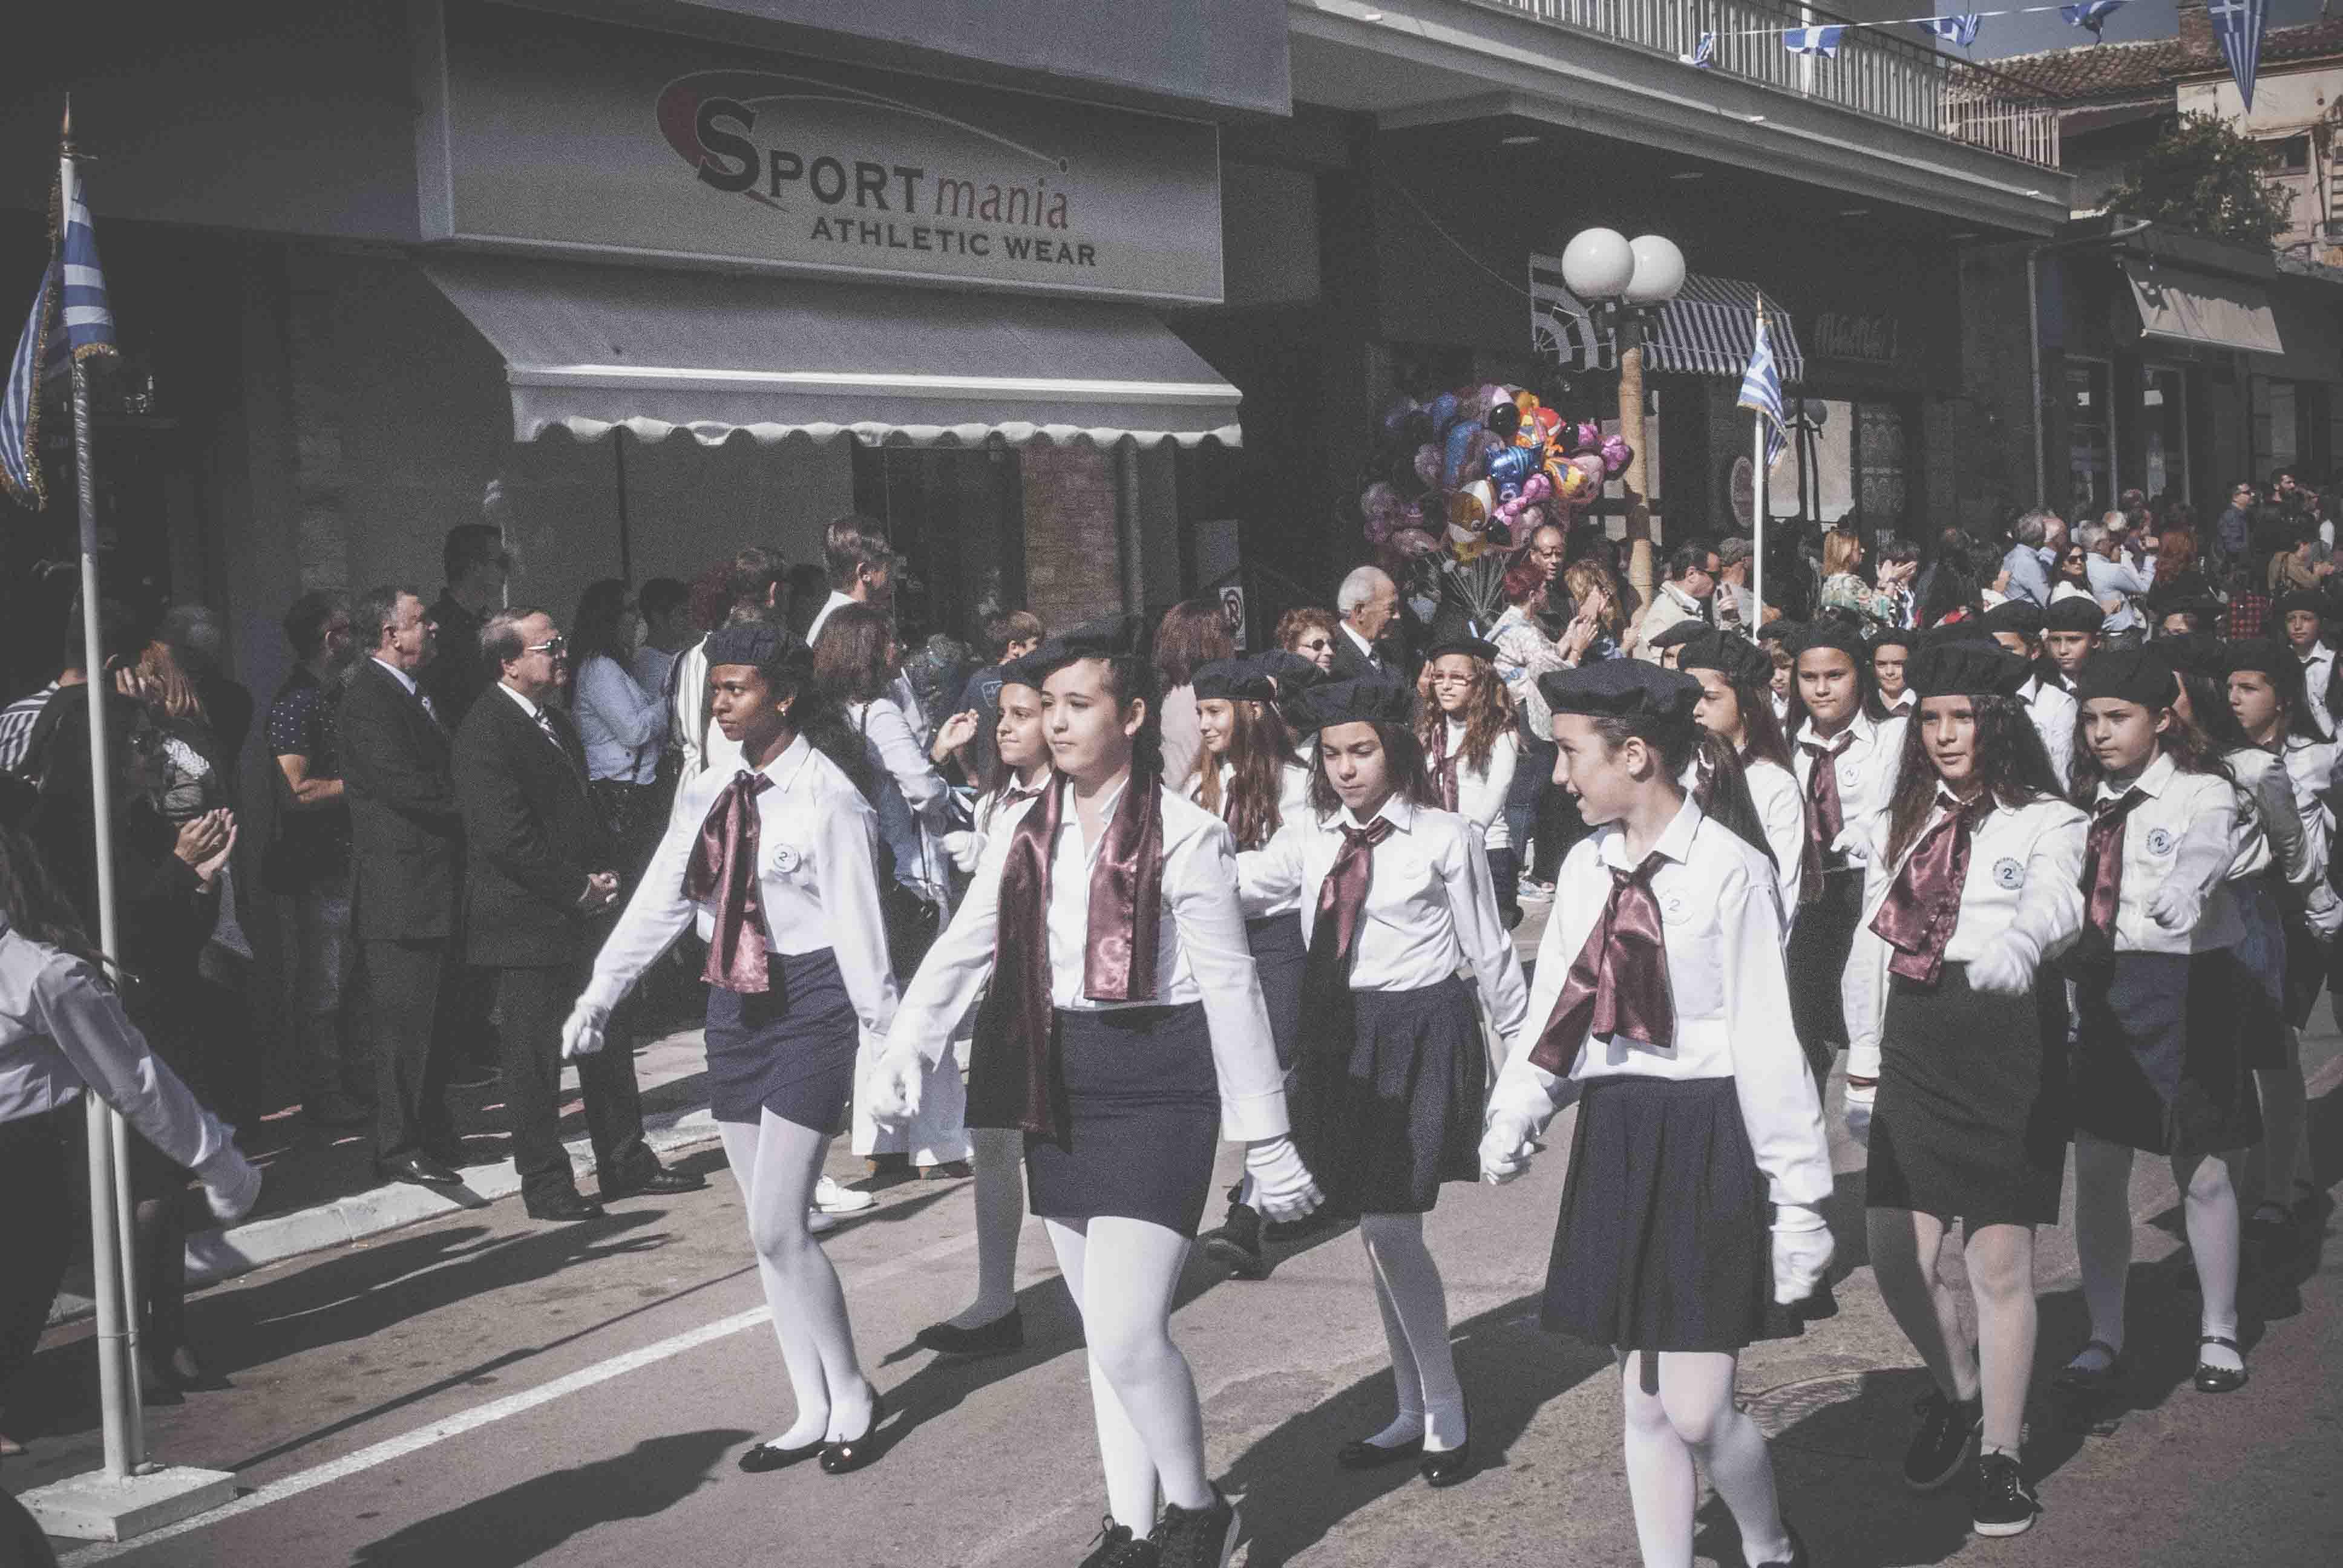 Η παρέλαση της 28ης Οκτωβρίου σε Καστέλλα και Ψαχνά (φωτό) DSC 0367